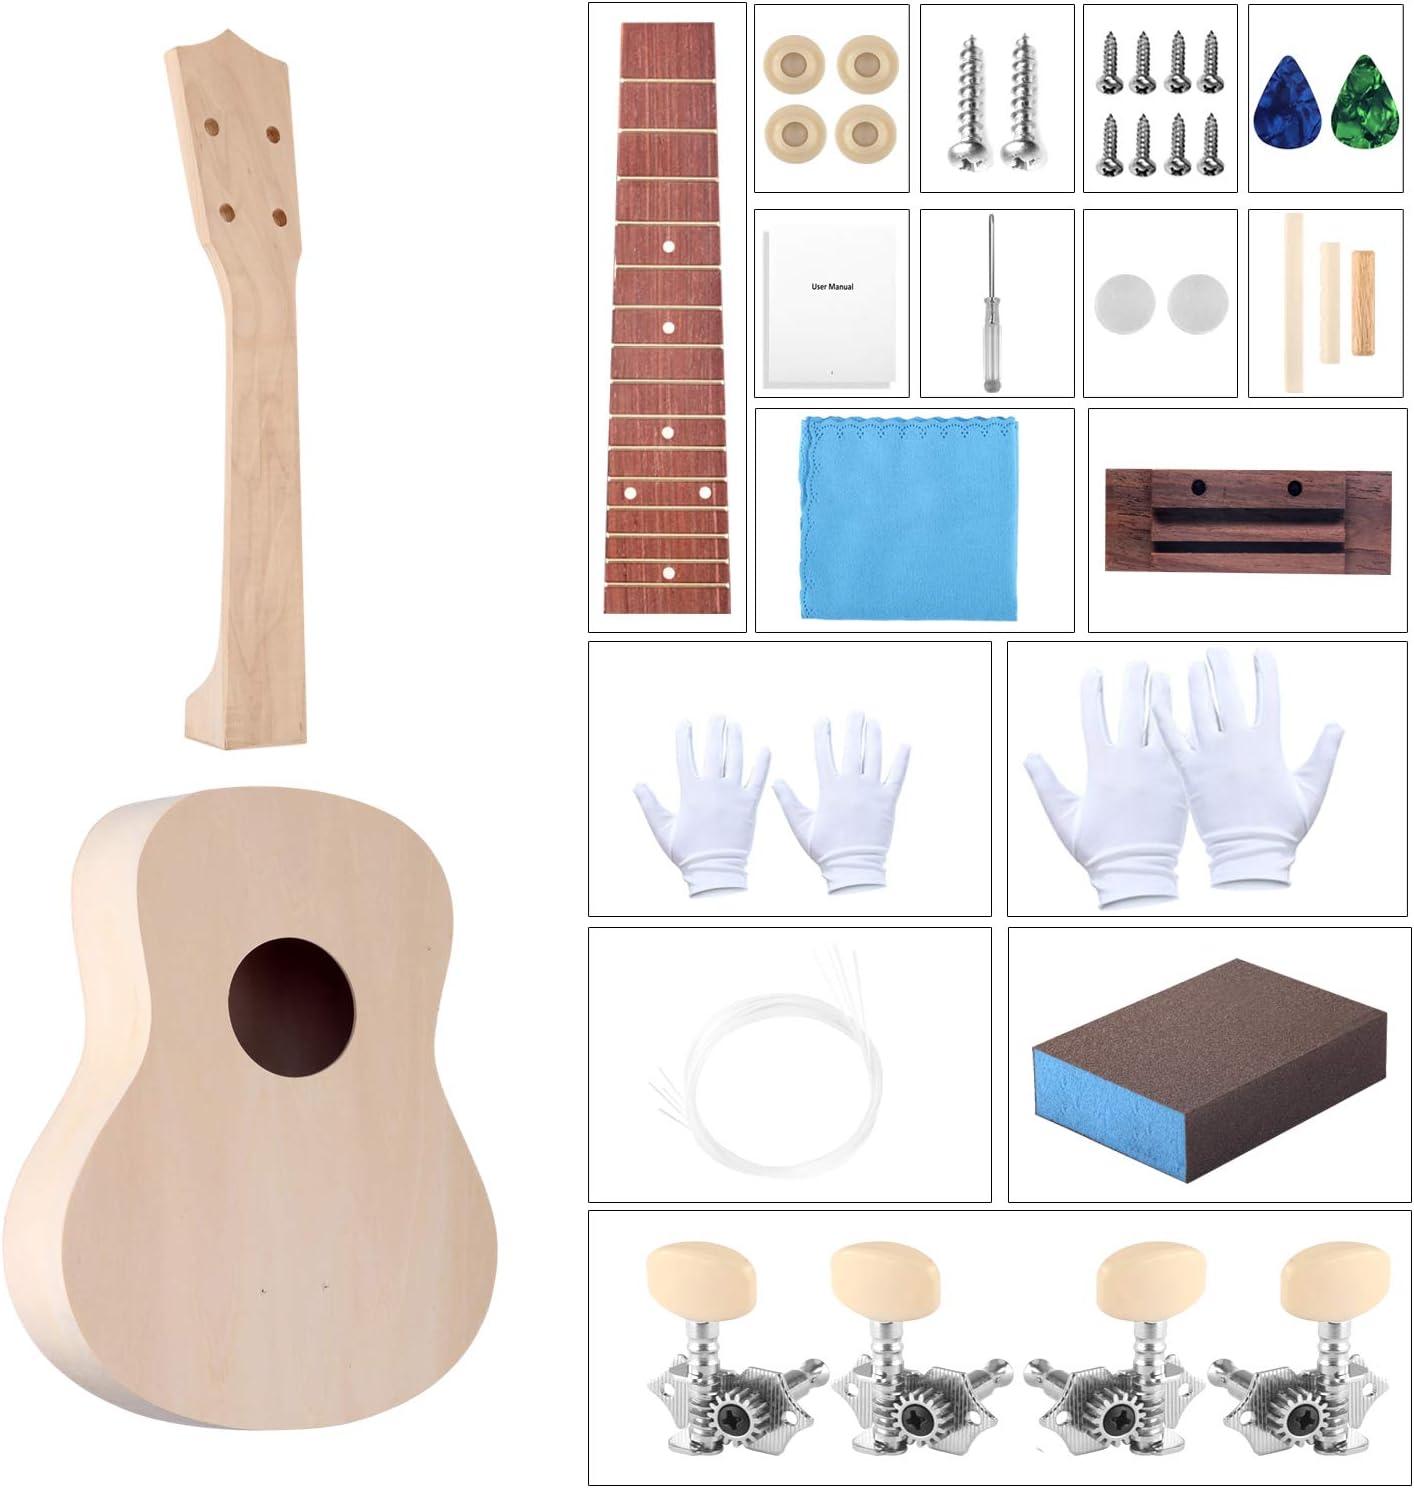 DIY Ukulele Kit Build Your Own Ukulele Kit Unfinished 21 Inch Hawaii Soprano Ukulele Kit with Installation Manual and Tools Kit